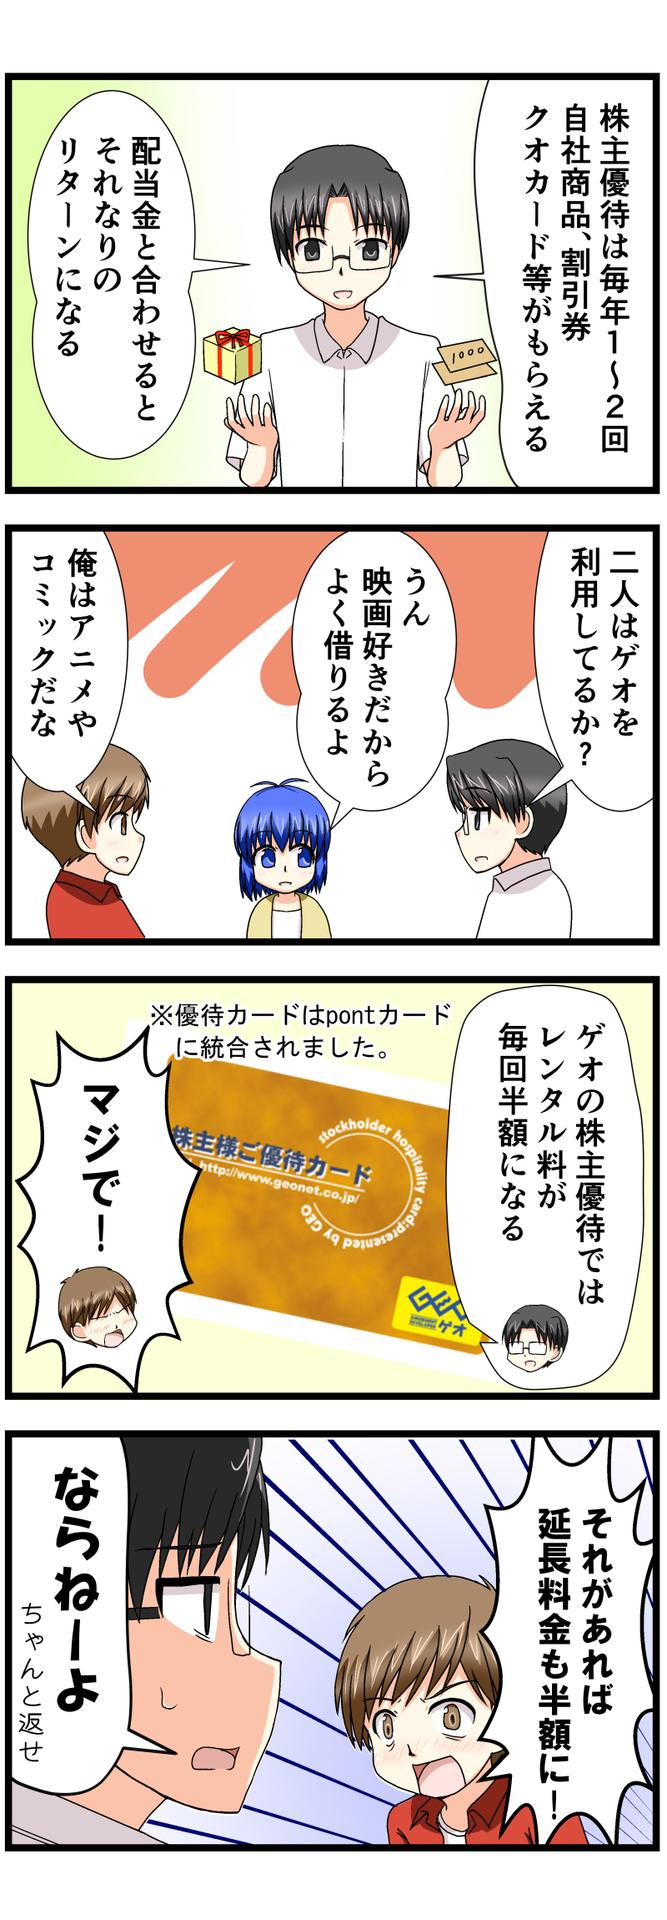 萌える株セミナー7.jpg